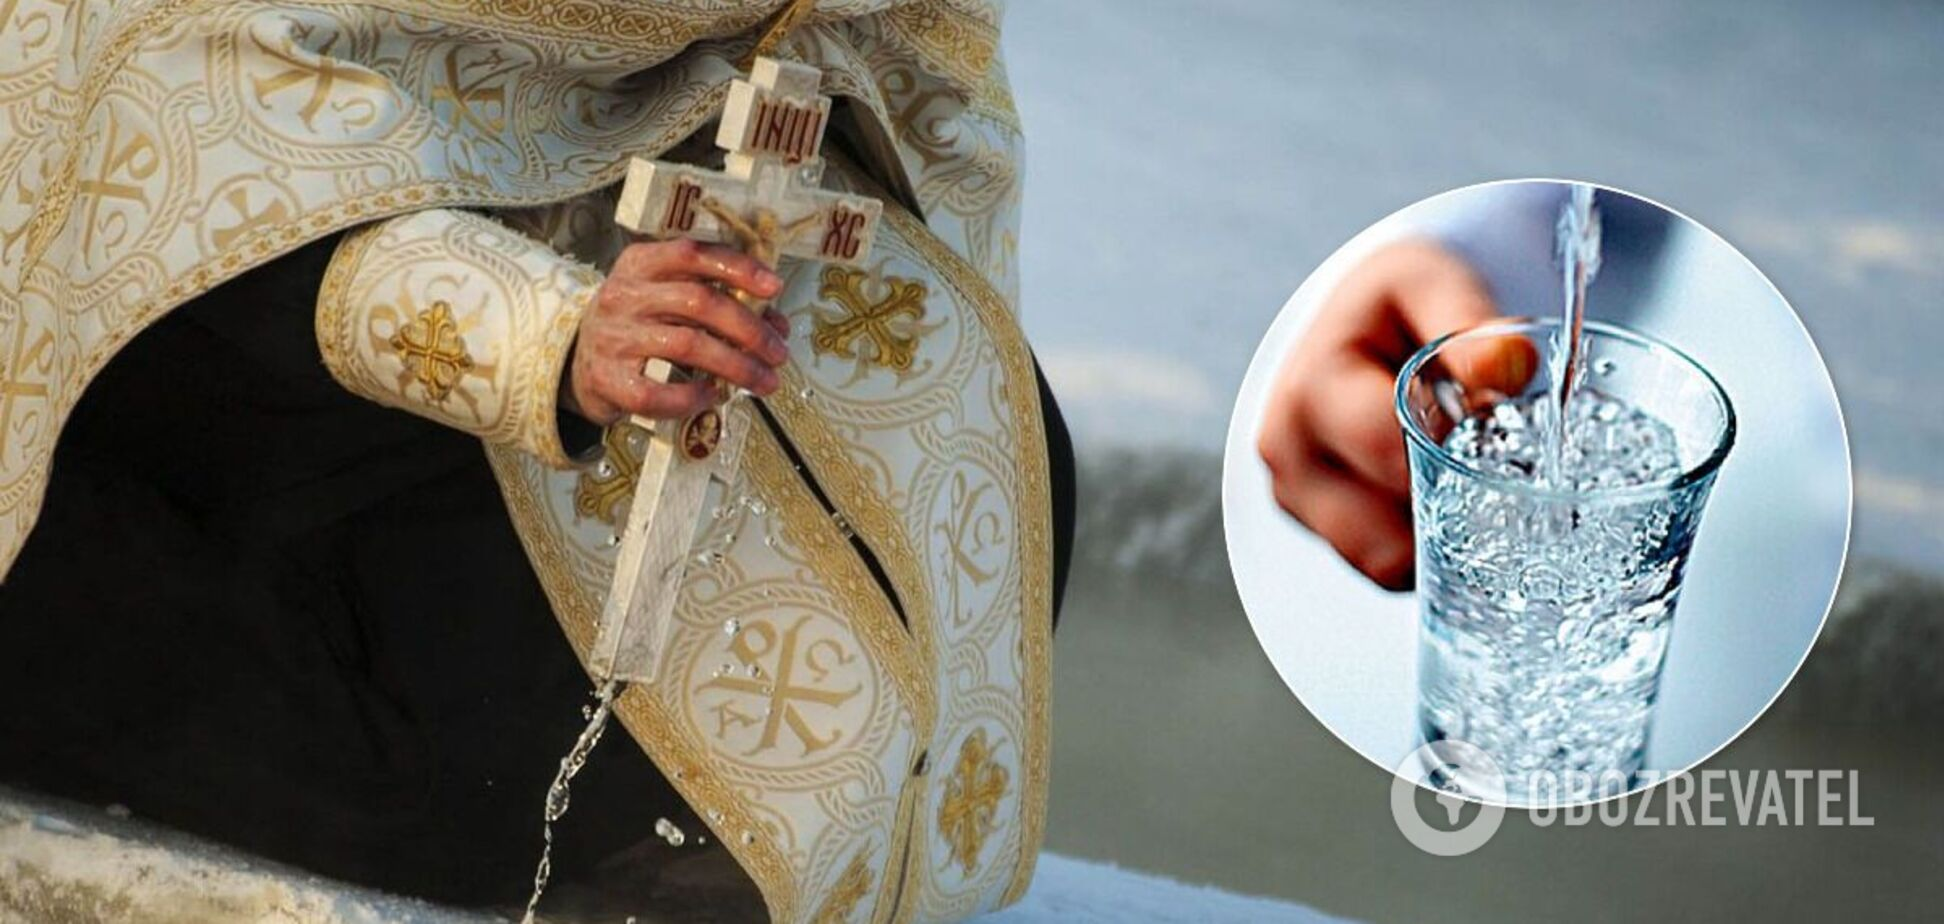 Крещенской считается вода, освященная какв Крещенский сочельник, так и в день Крещения